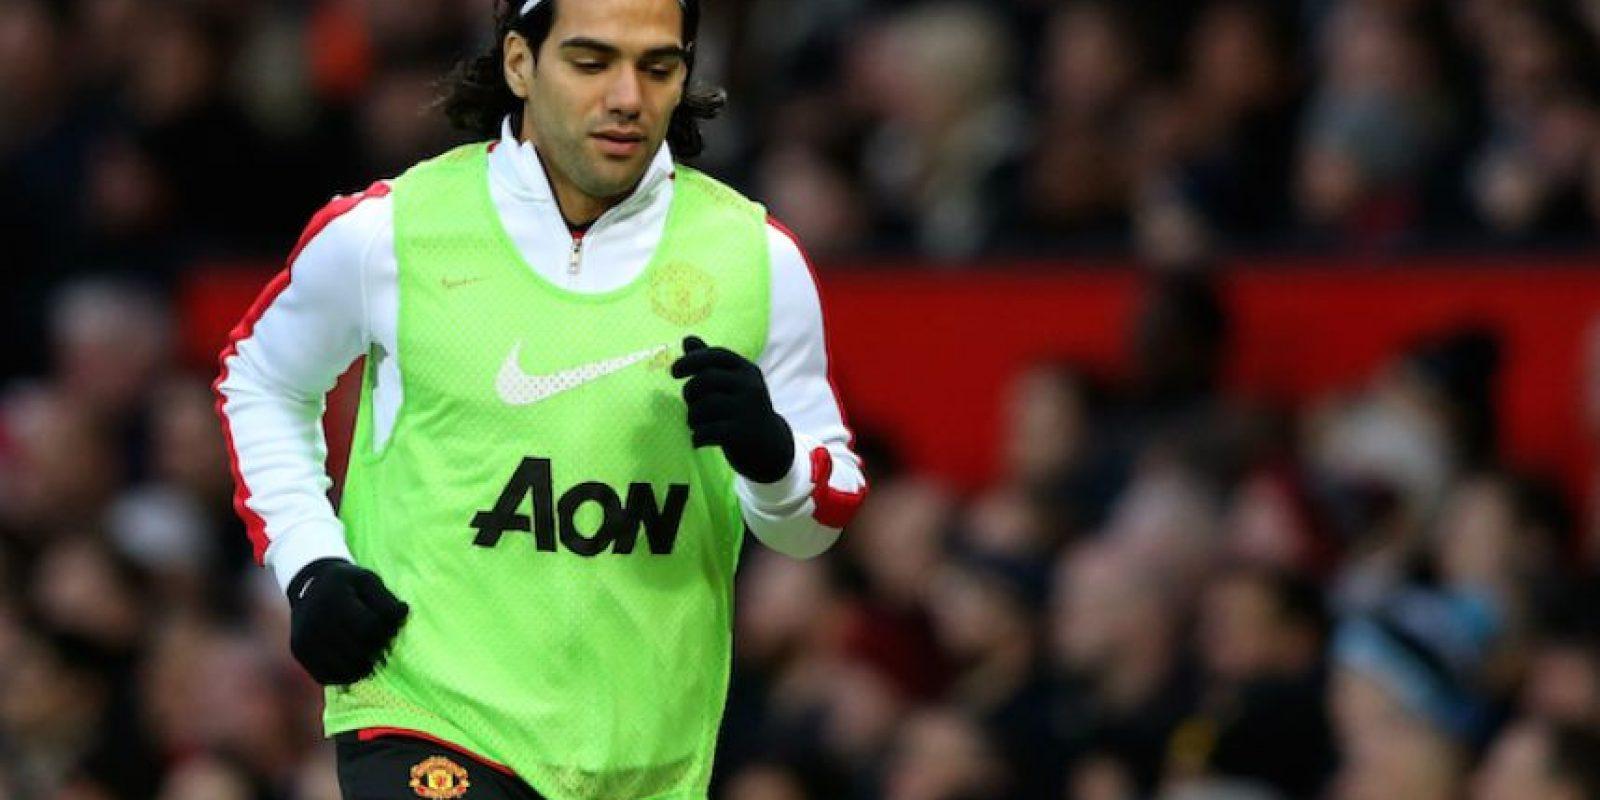 Para hacer válida la opción de compra, Manchester United tendría que pagarle 55 millones de euros al Mónaco, equipo dueño de su carta. Foto:Getty Images